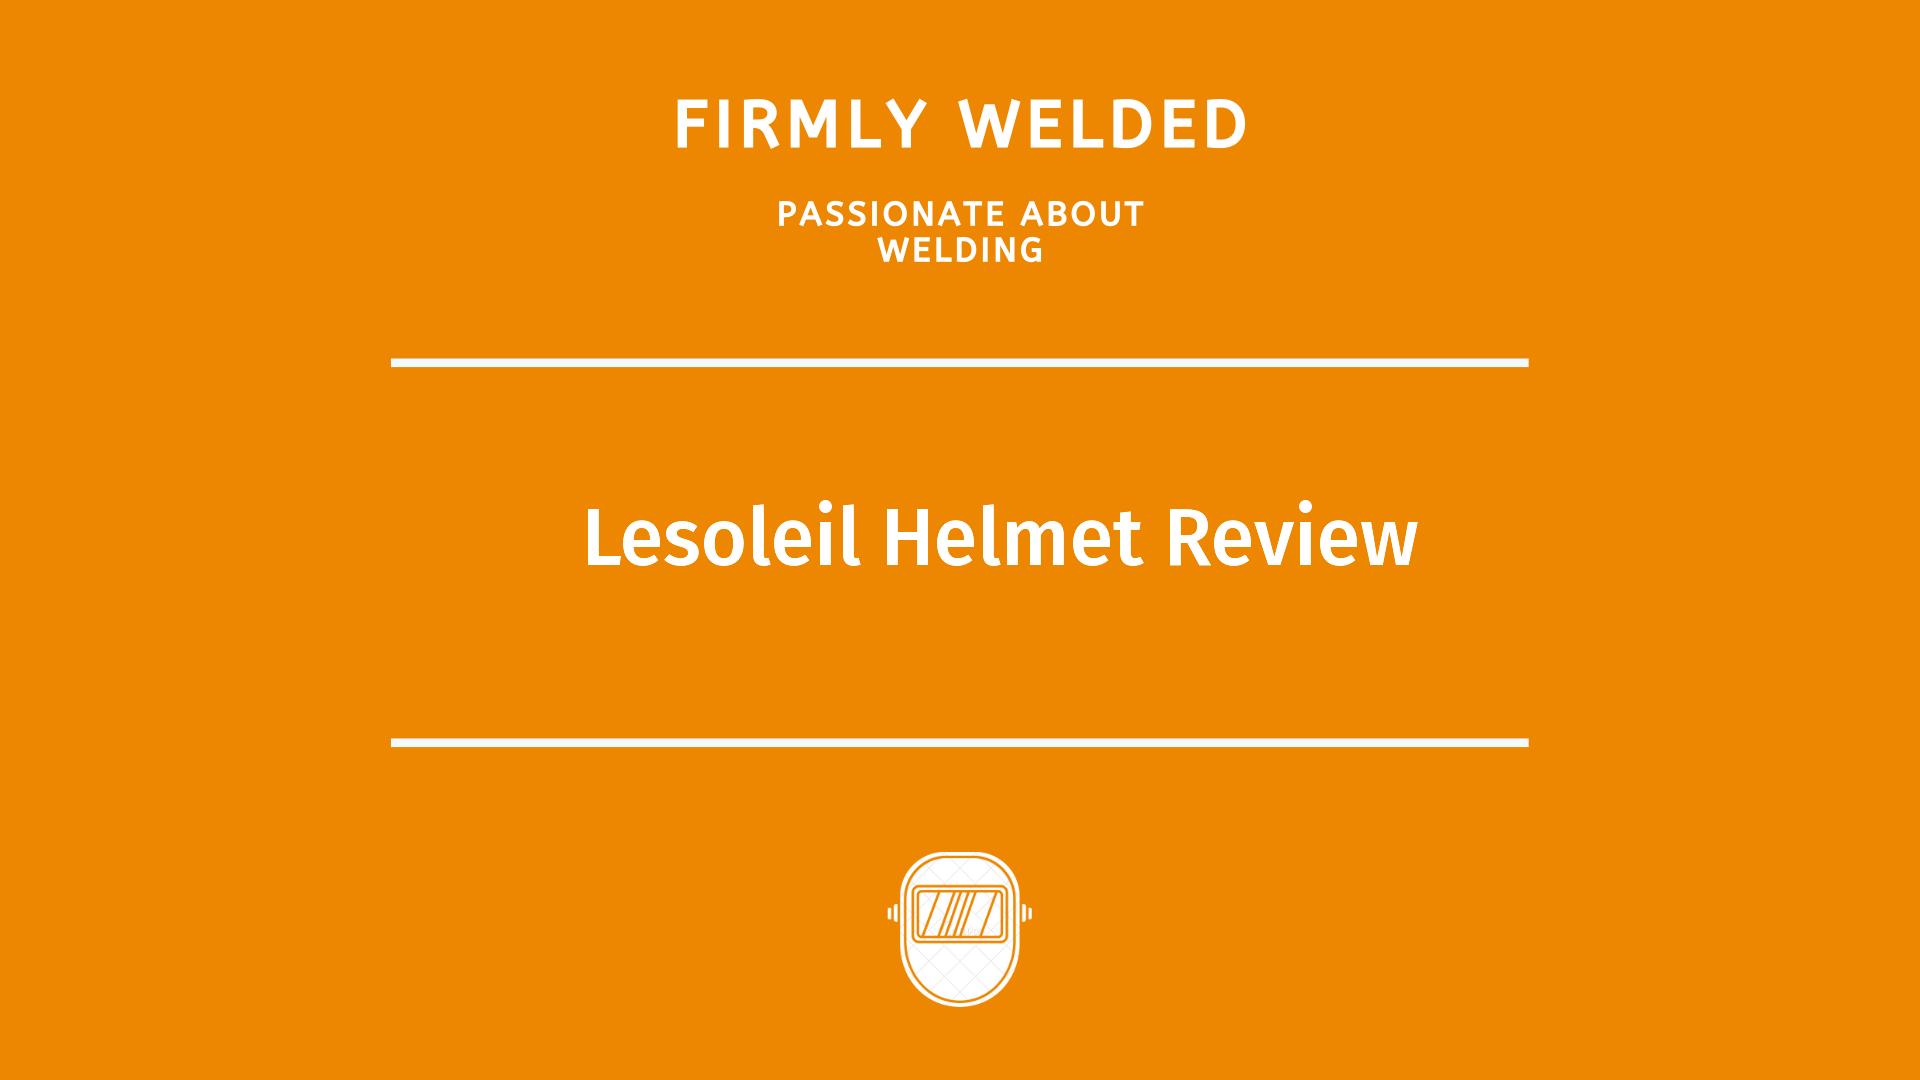 Lesoleil Helmet Review